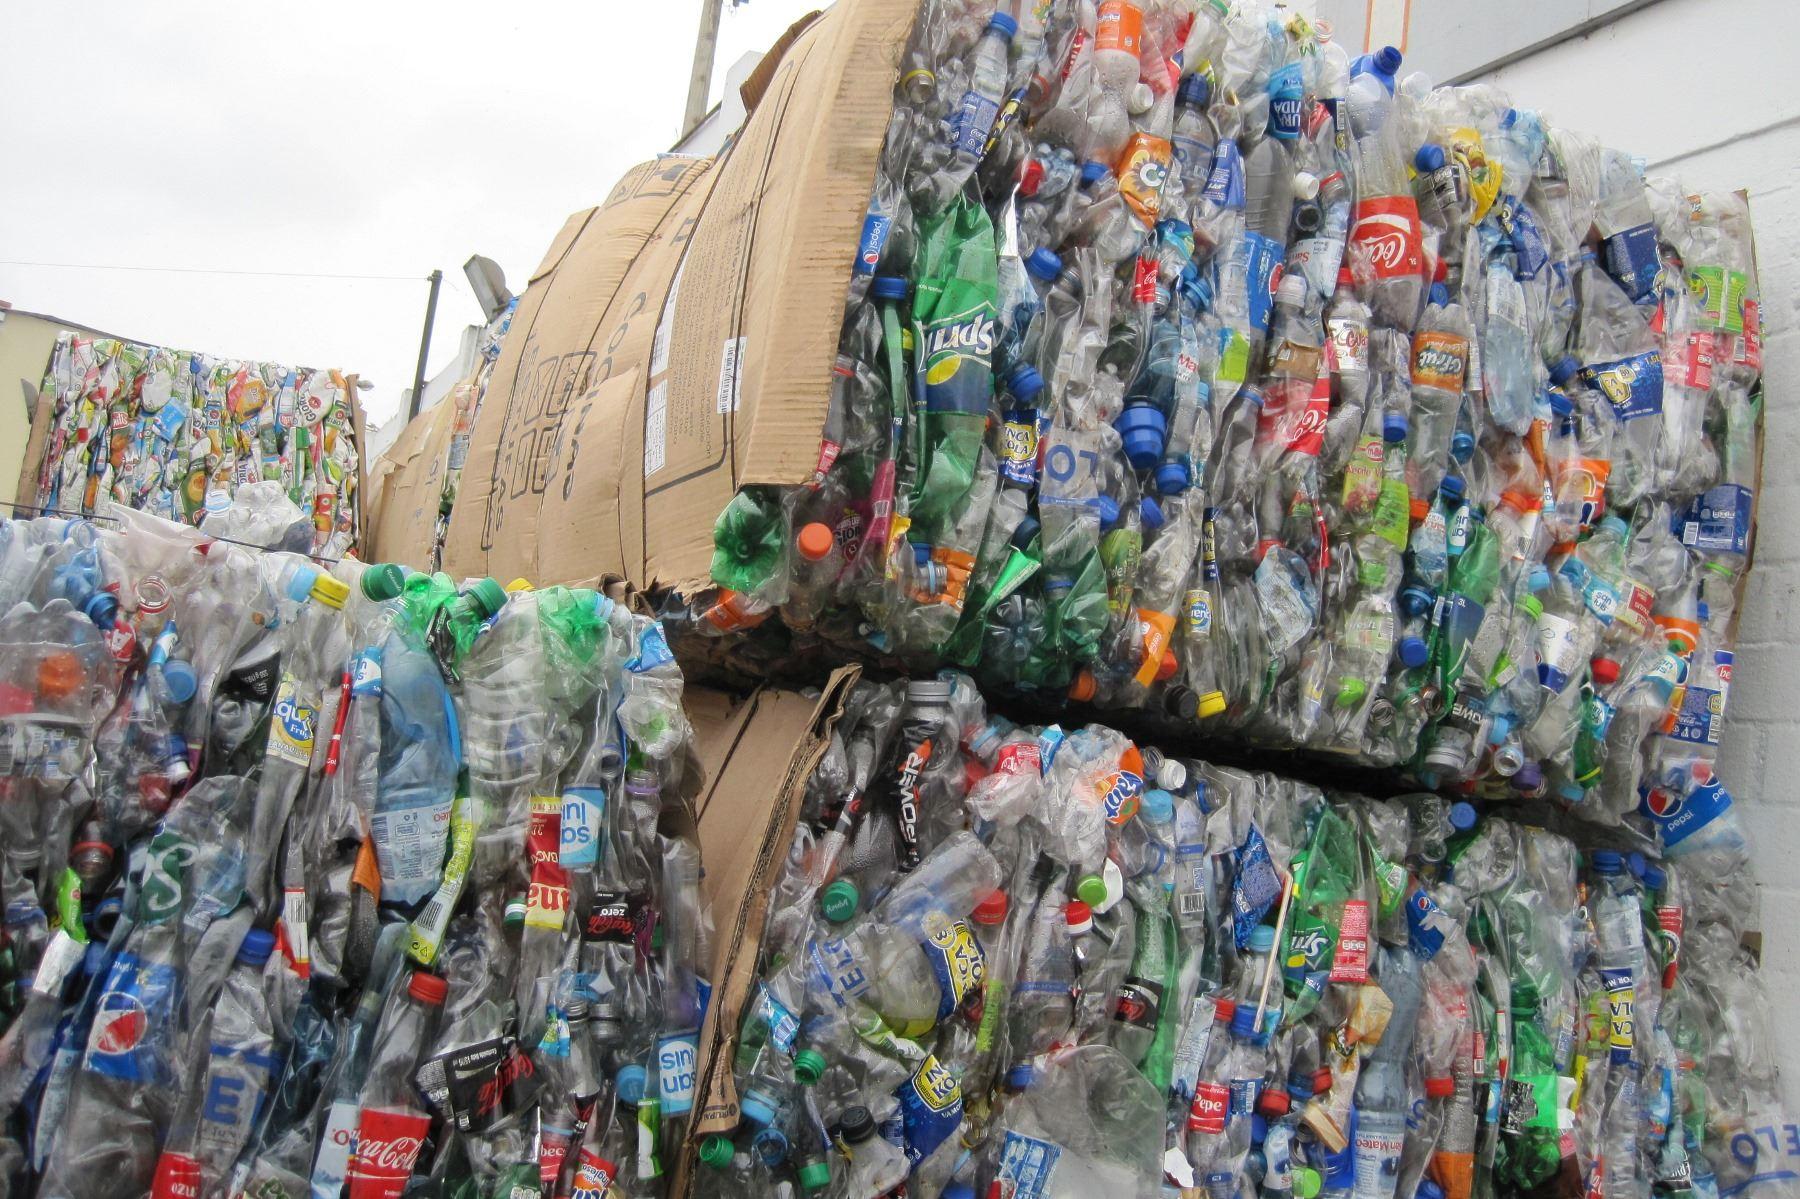 La mitad de los residuos domiciliarios está compuesto de material orgánico: restos de comida, cáscaras de frutas, verduras, etc. Foto:  ANDINA/Difusión.